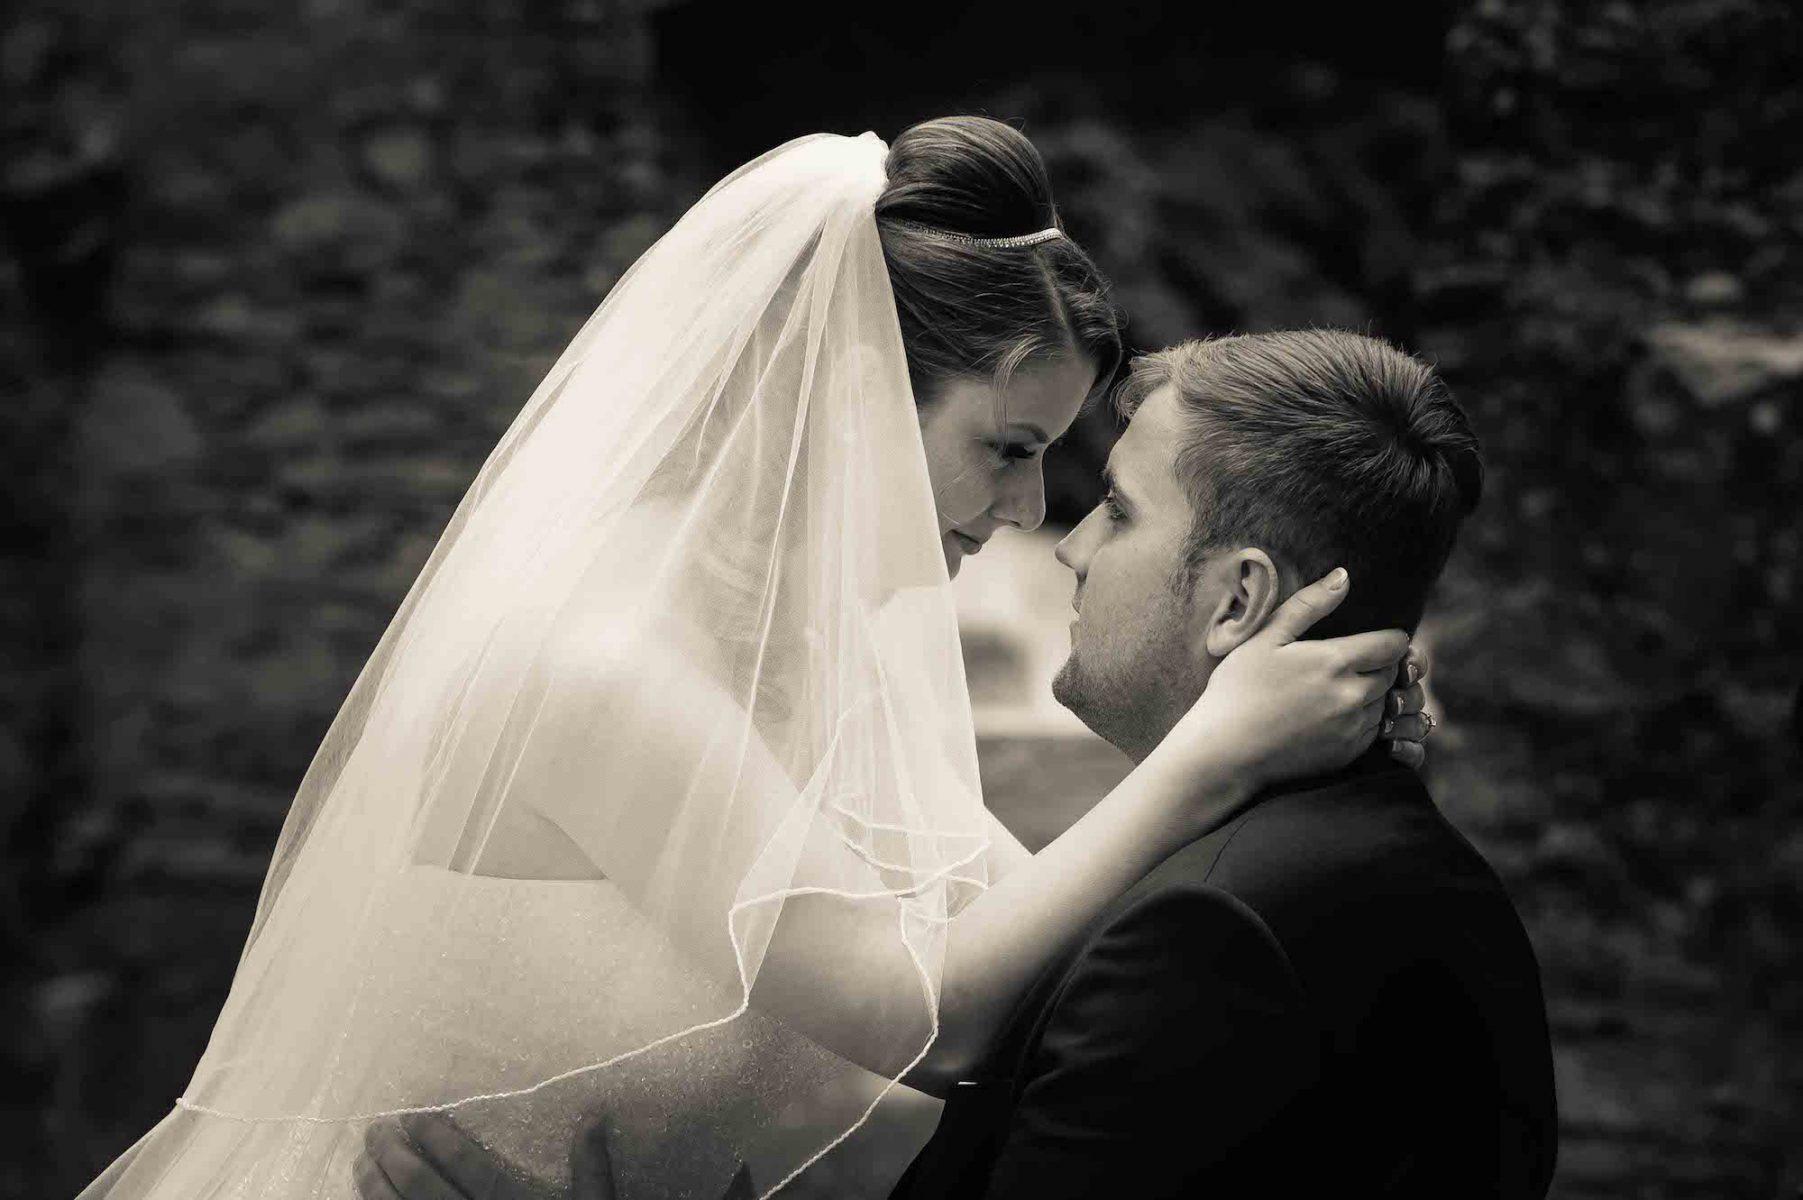 amatustra Hochzeit Zweisam B2000 6978 1803x1200 - ZWEISAM